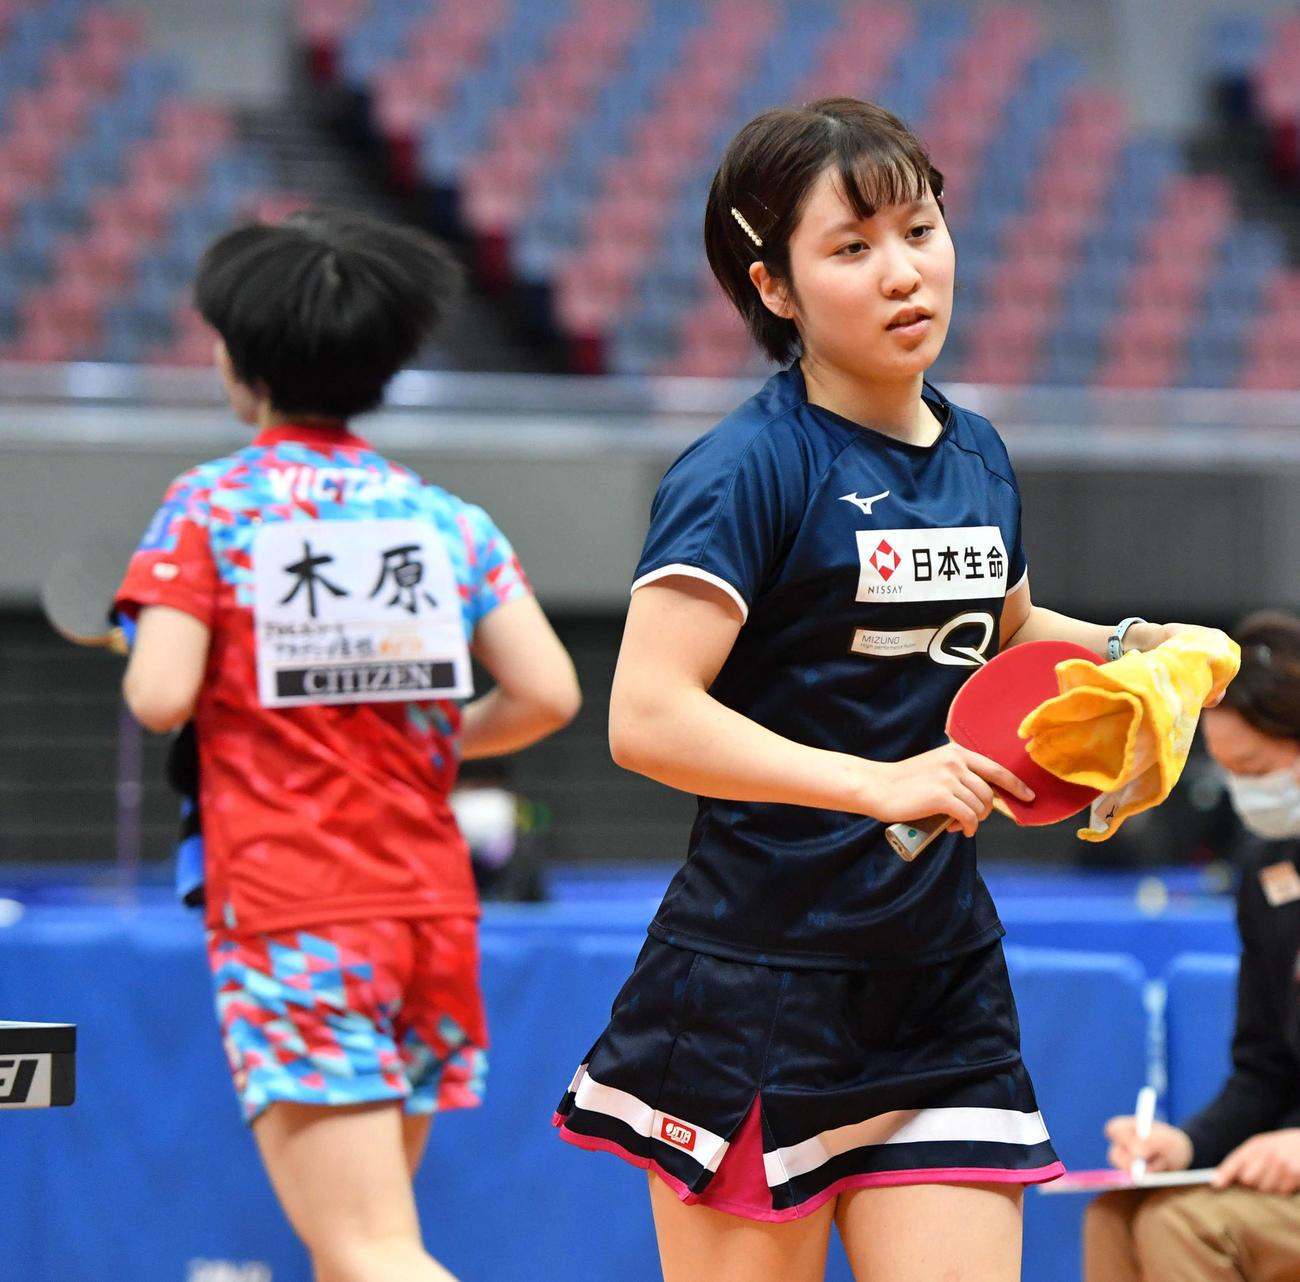 全日本卓球選手権 女子シングルス6回戦で木原美悠(左)に敗れた平野美宇(撮影・岩下翔太)